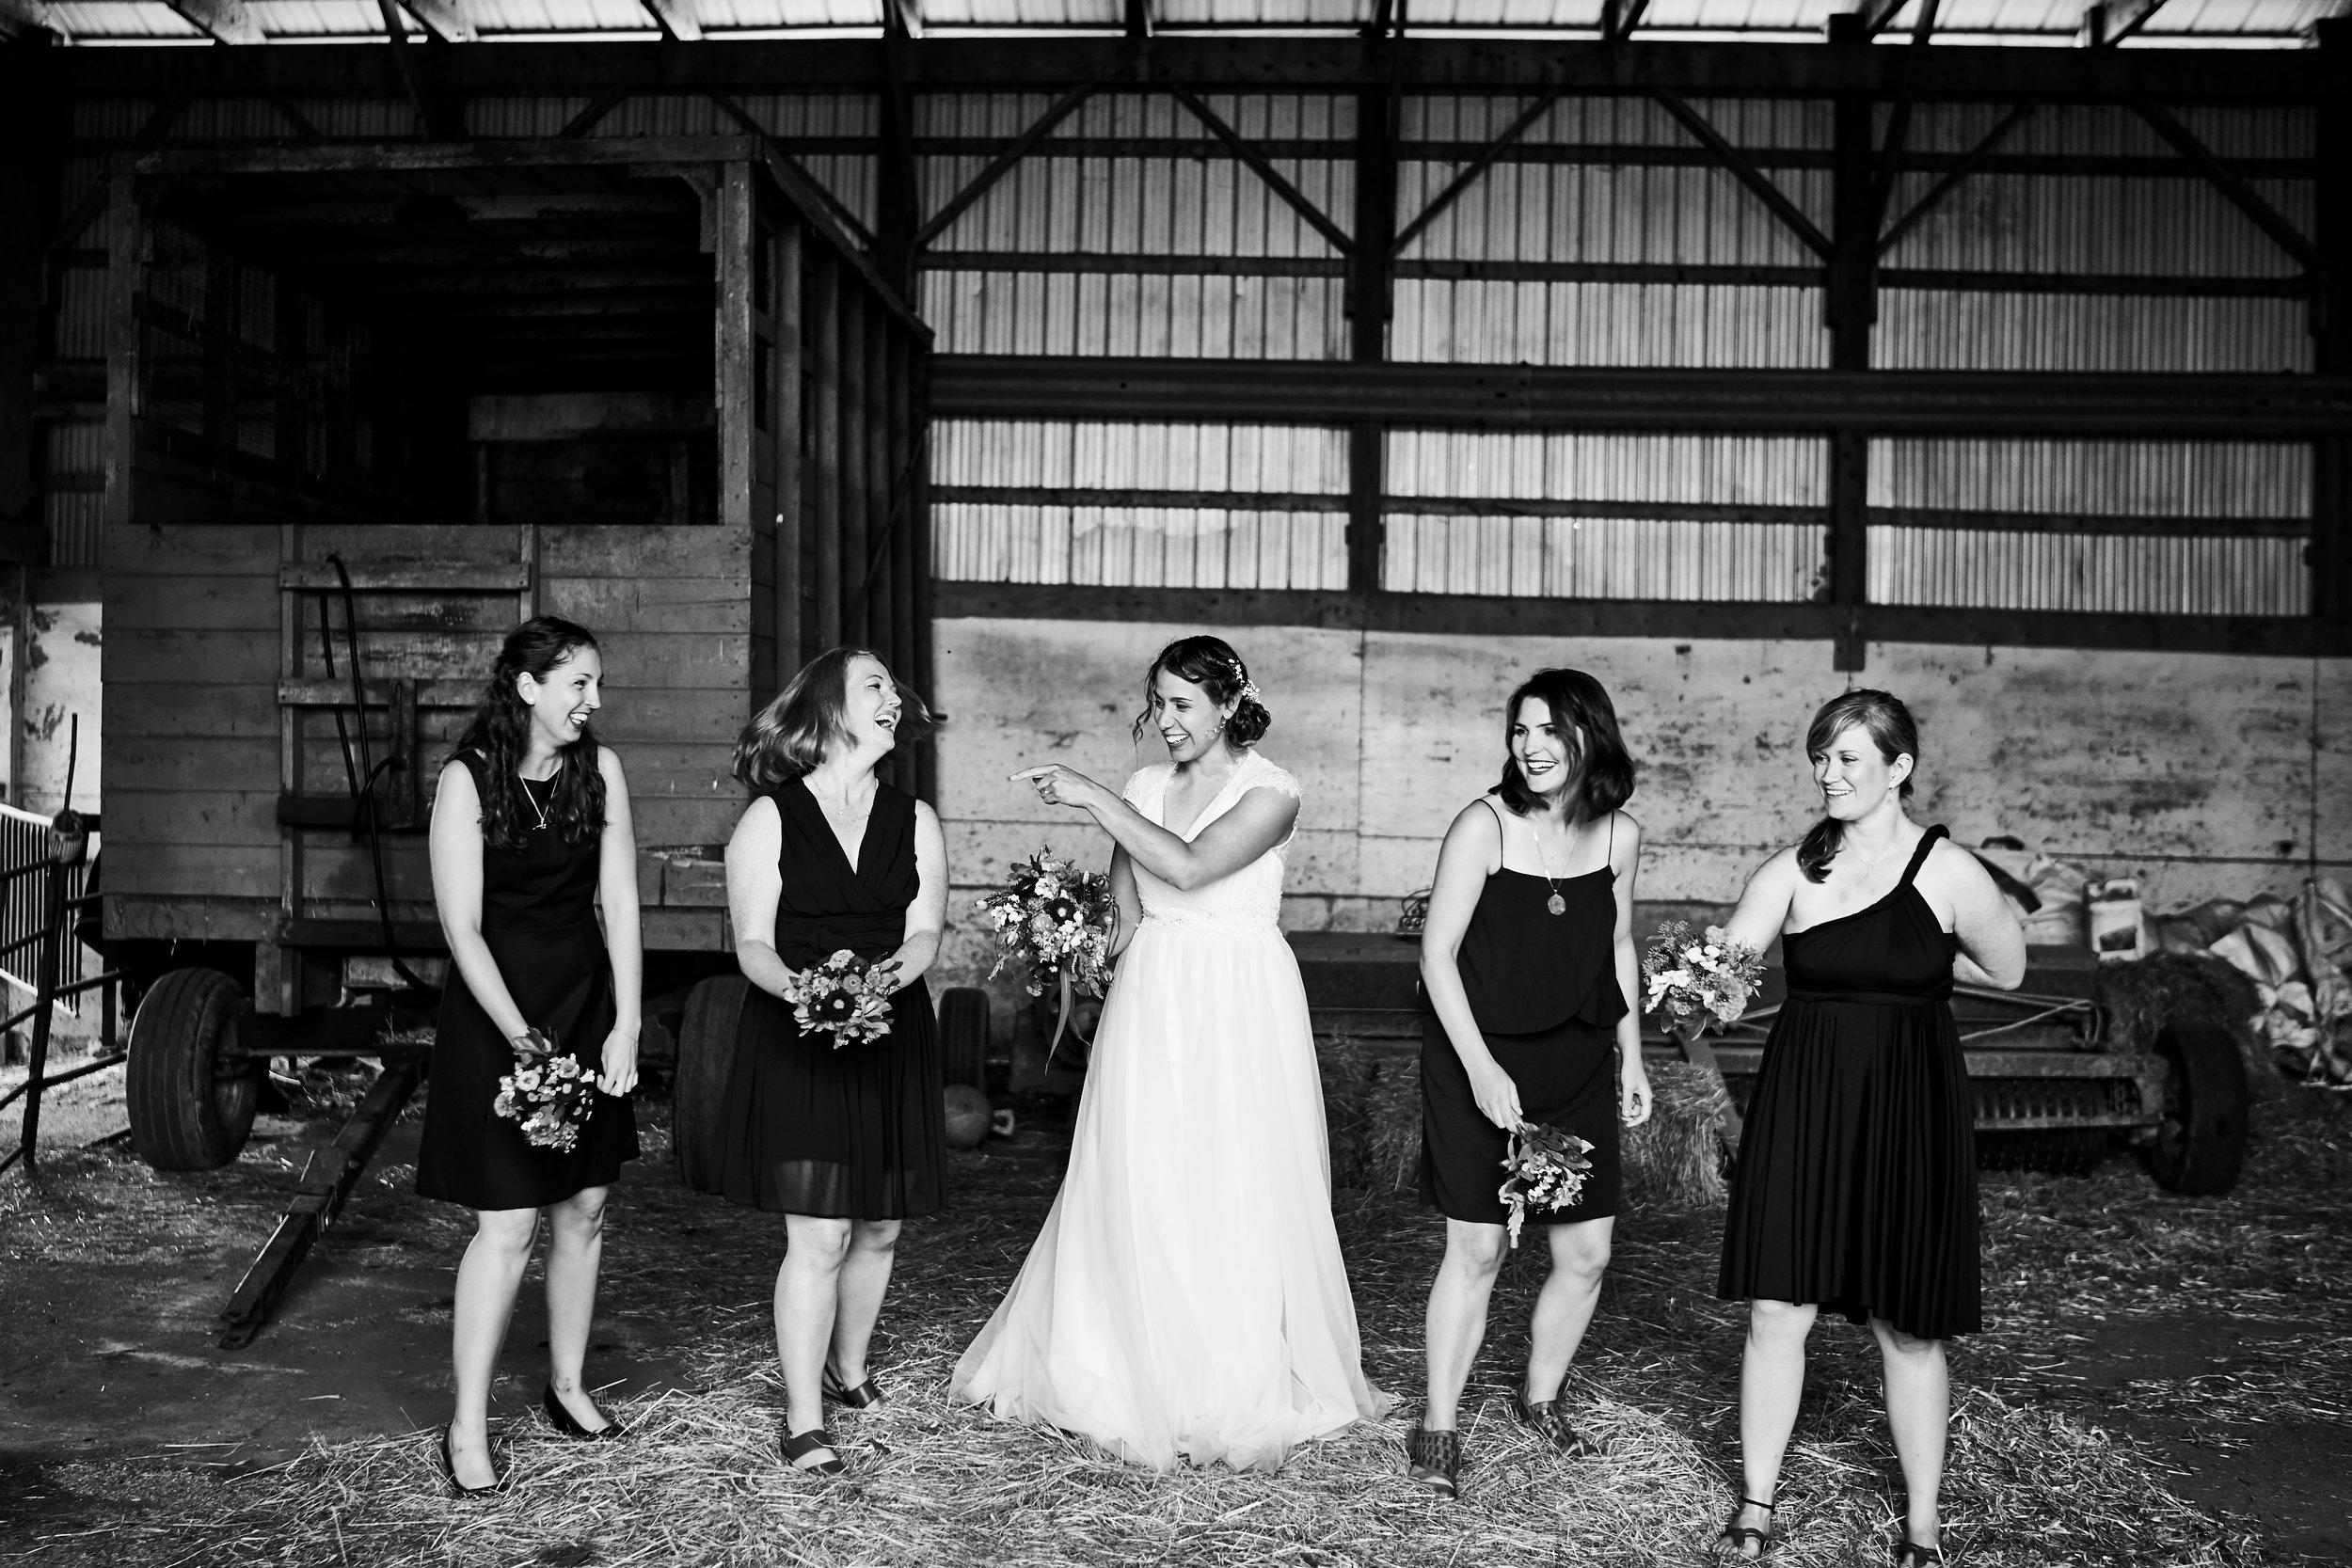 Amy-Lee & James' Wedding 532.jpg